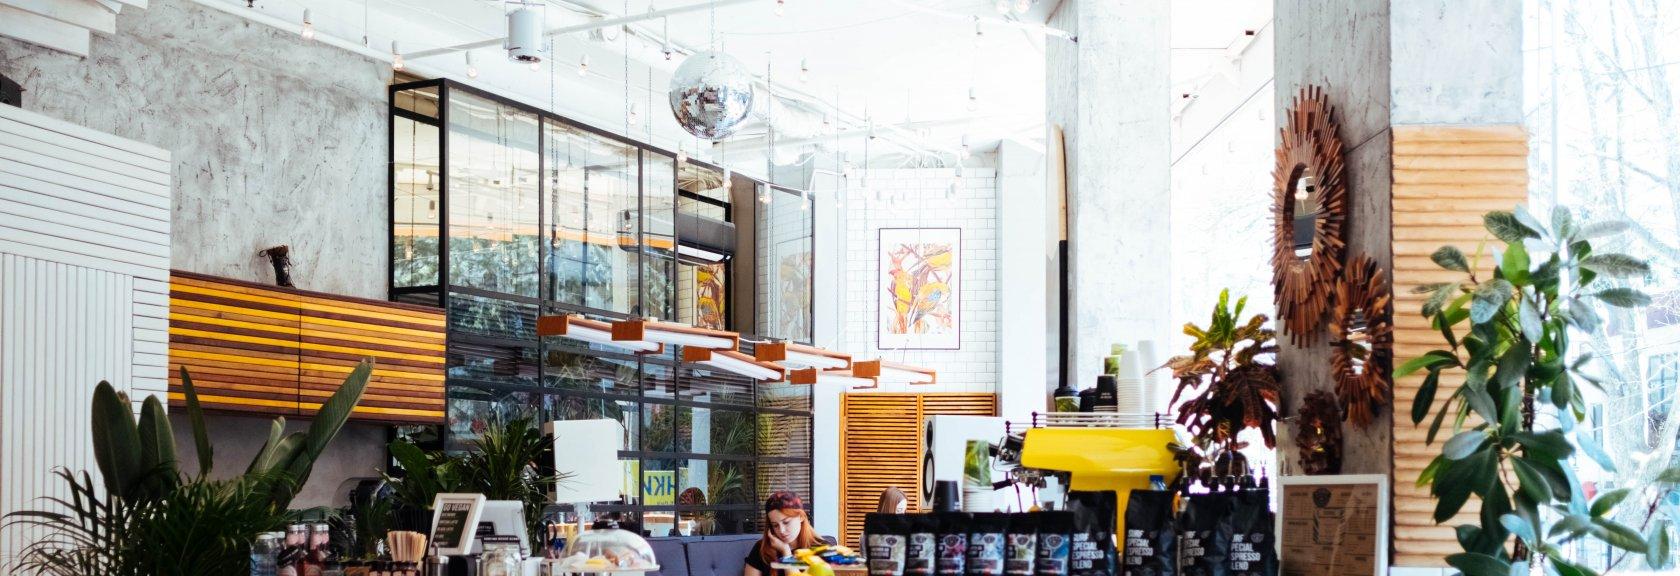 5 nietypowych kawiarni w stolicy